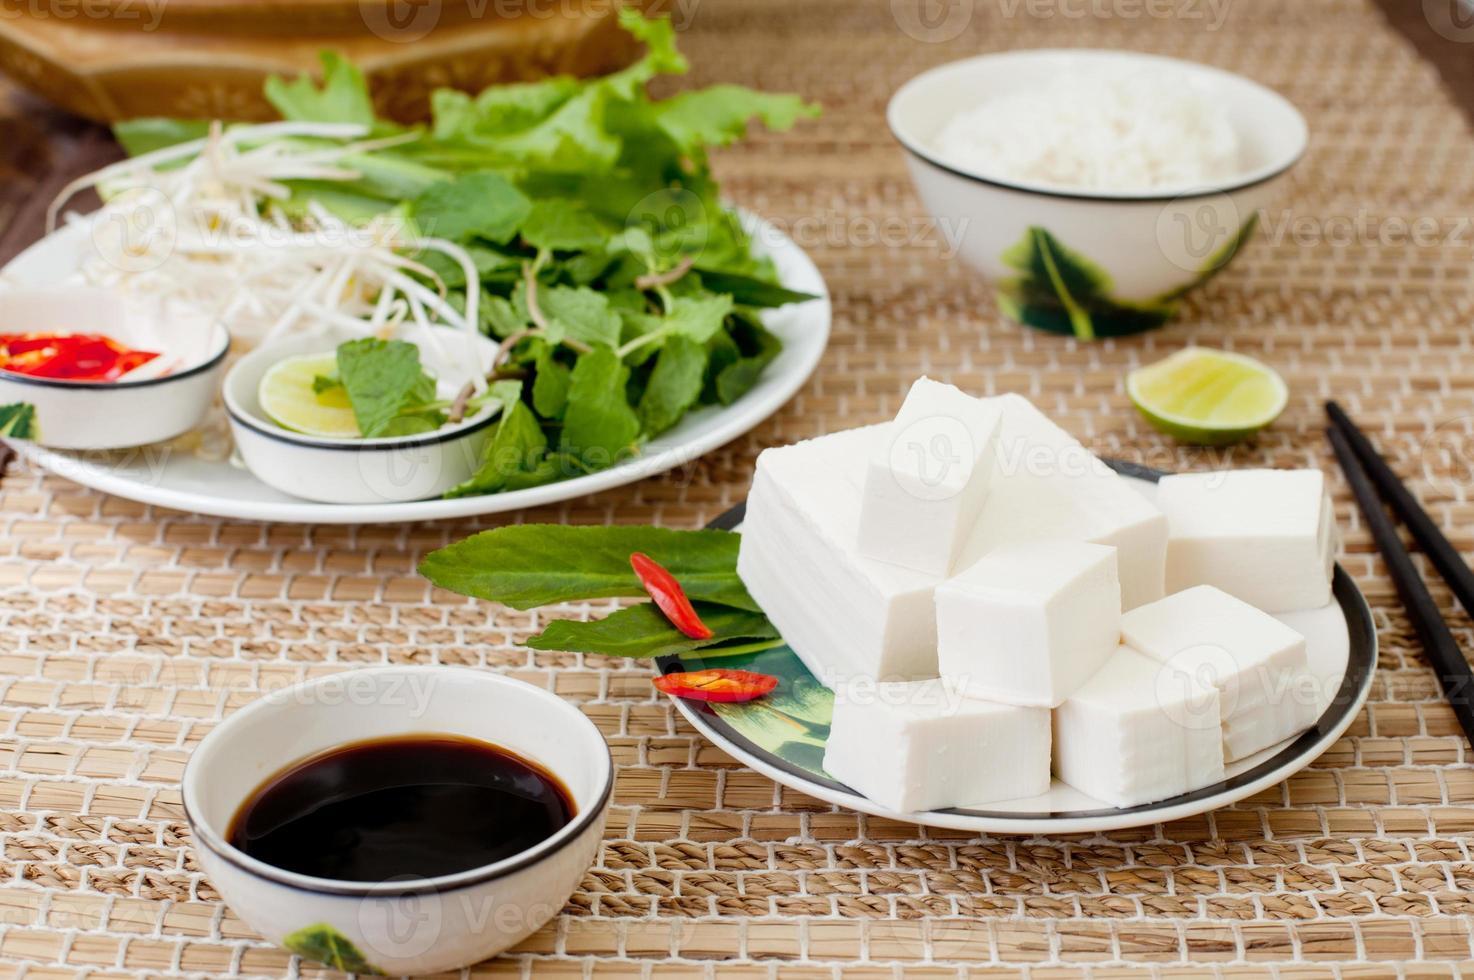 frischer Tofu mit Reis, Salat und Sojasauce. foto